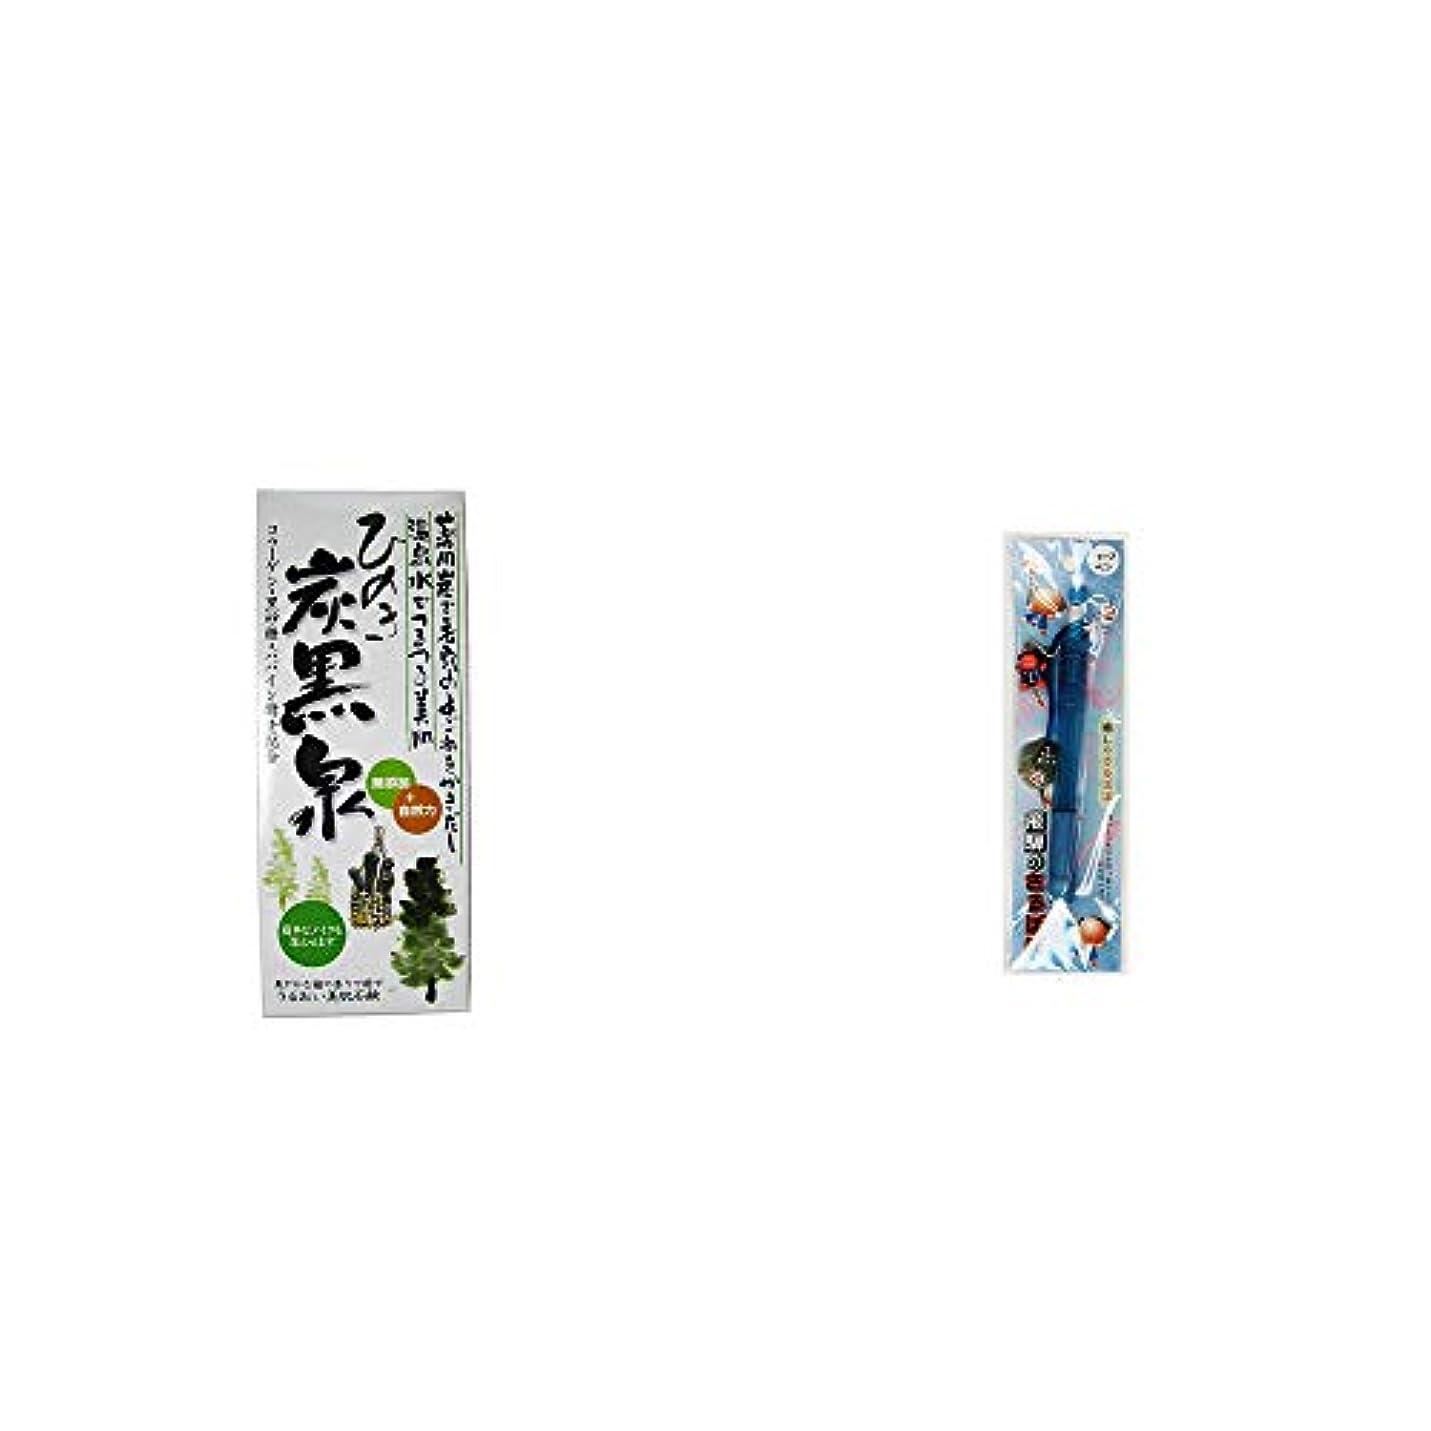 尾落胆する複雑な[2点セット] ひのき炭黒泉 箱入り(75g×3)?さるぼぼ 癒しシャープペン 【ブルー】